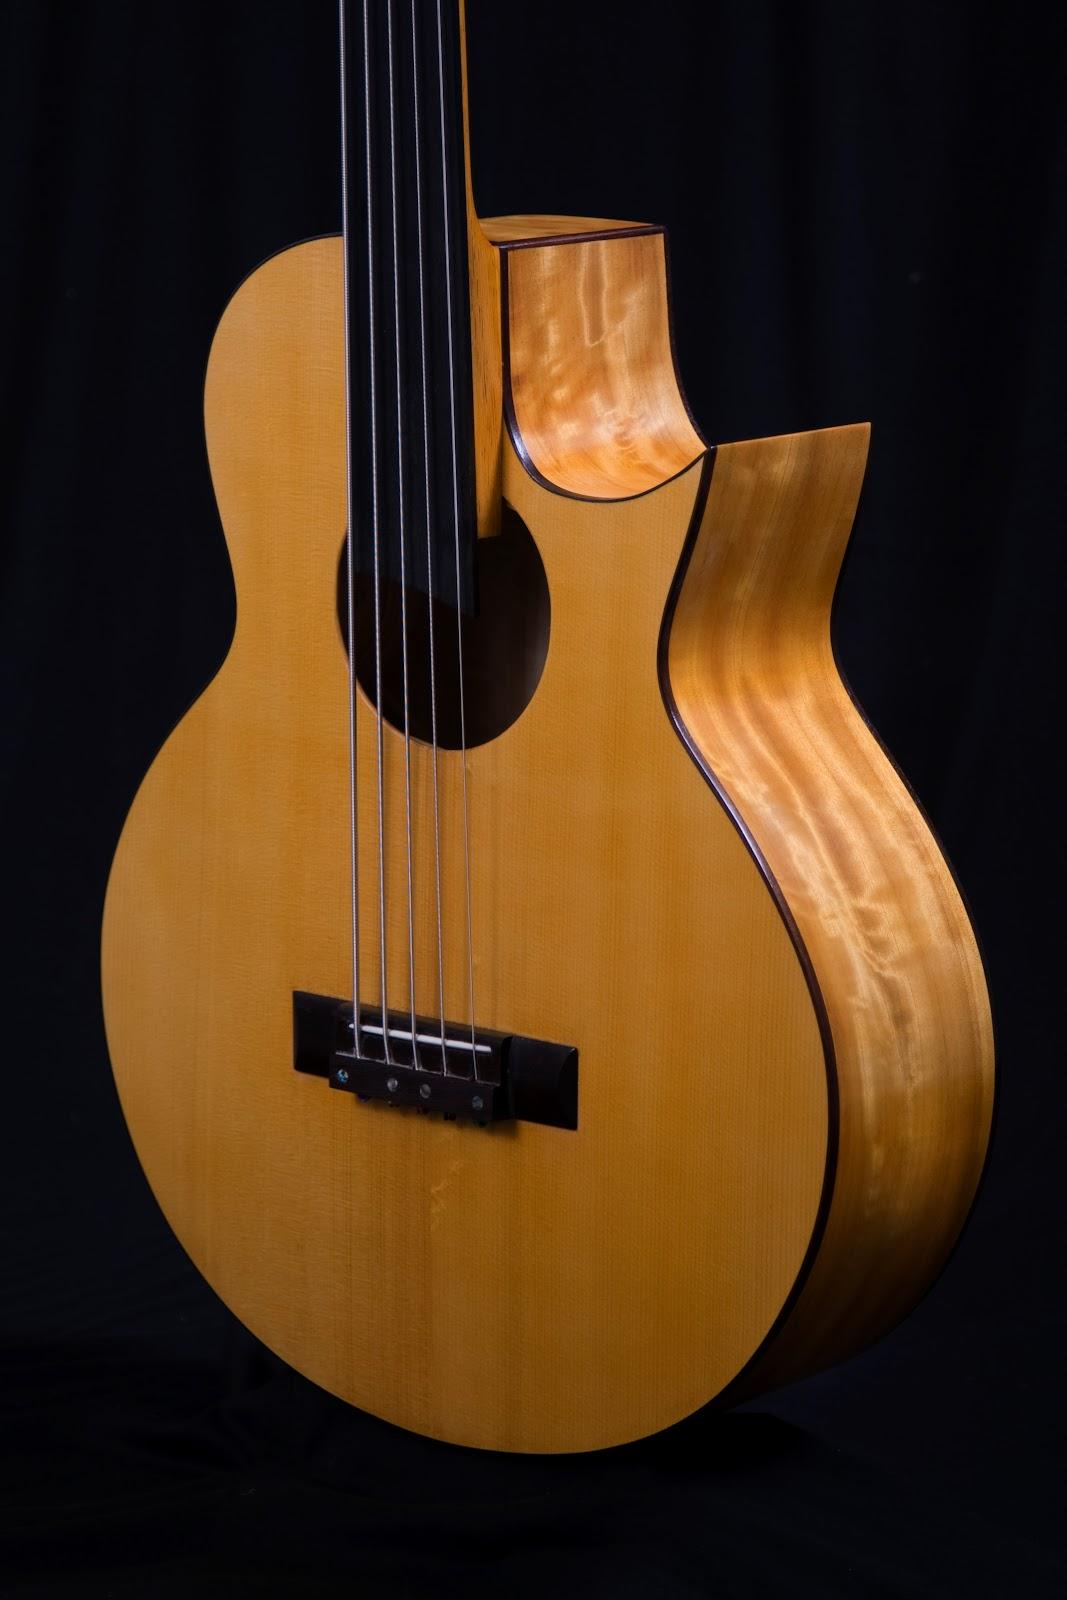 http://4.bp.blogspot.com/-YnfdLcf8DtU/S6pCkbKQThI/AAAAAAAAp-I/YMWmp3YaxW8/s1600/5+string+acoustic+bass.+Italian+Spruce+soundboard.JPG